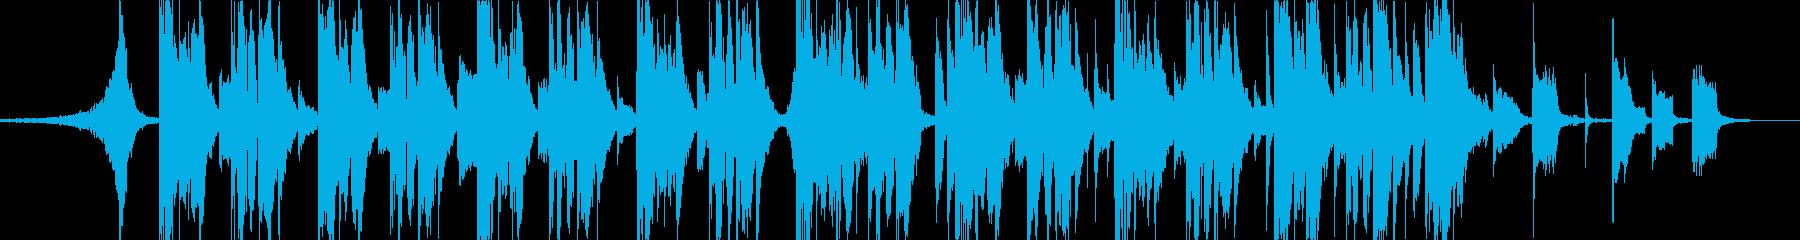 クール!!ガジェット紹介動画に最適。の再生済みの波形